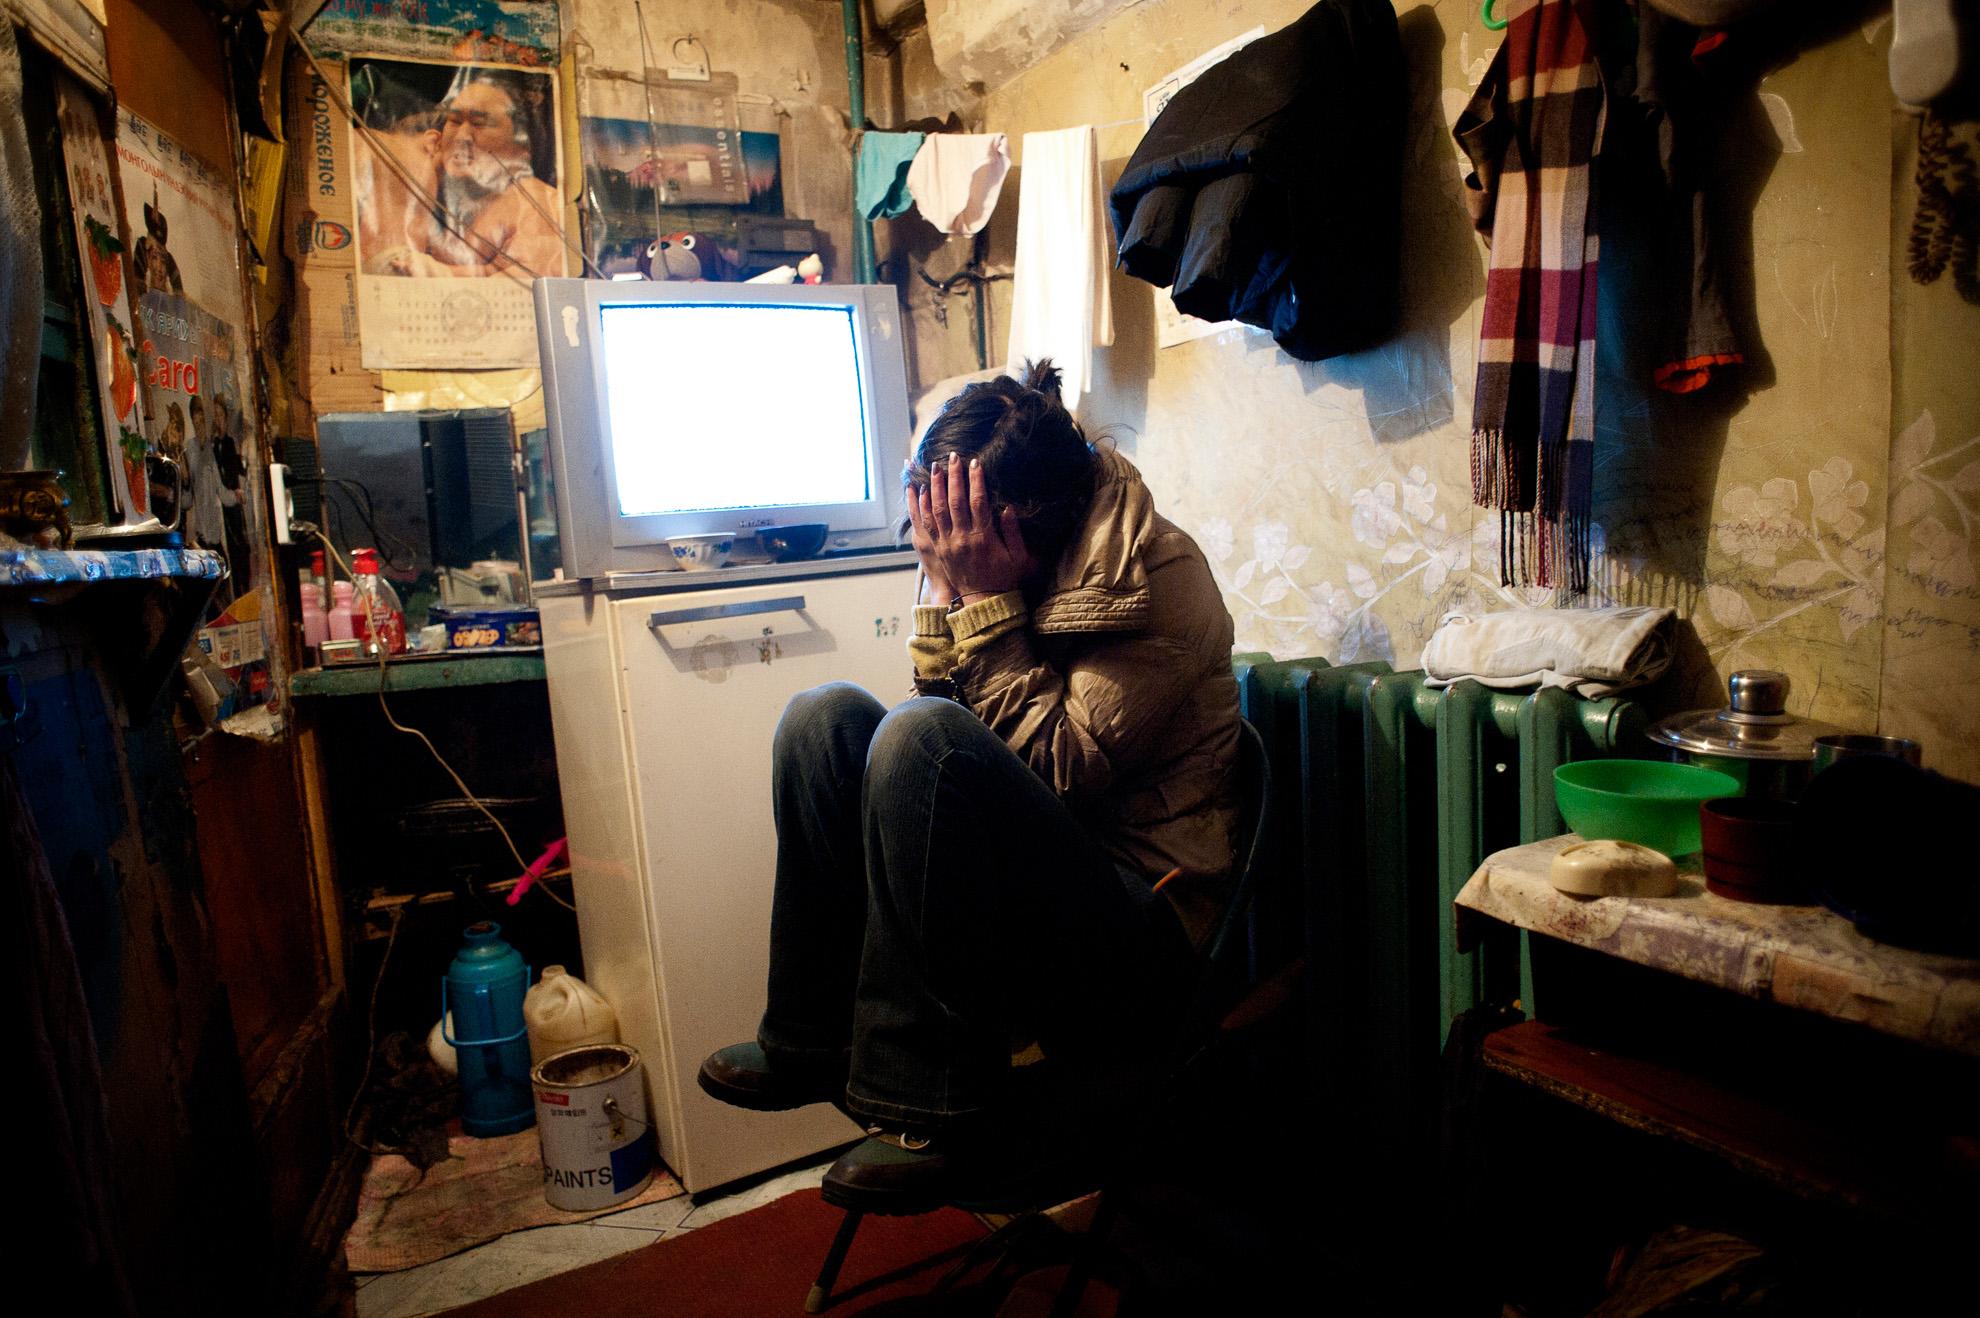 Dyun Erdene, 26 años, antigua pastora, sentada en el estrecho espacio que comparte con su familia: su padre, de 55 años, antiguo pastor; su madre, una hermana y su sobrino de 4 años, en Ulan Bator. Solía vivir con su familia en Gobi-Ugtaal en la provincia de Dunggobi, pero durante el dzud de 2010 perdieron sus 150 animales, por lo que decidieron trasladarse a la ciudad. Está embarazada, pero su novio la dejó y ahora está sola. Su madre es portera de un edificio de apartamentos. La familia vive apretada en un cuarto bajo las escaleras en el mismo edificio.